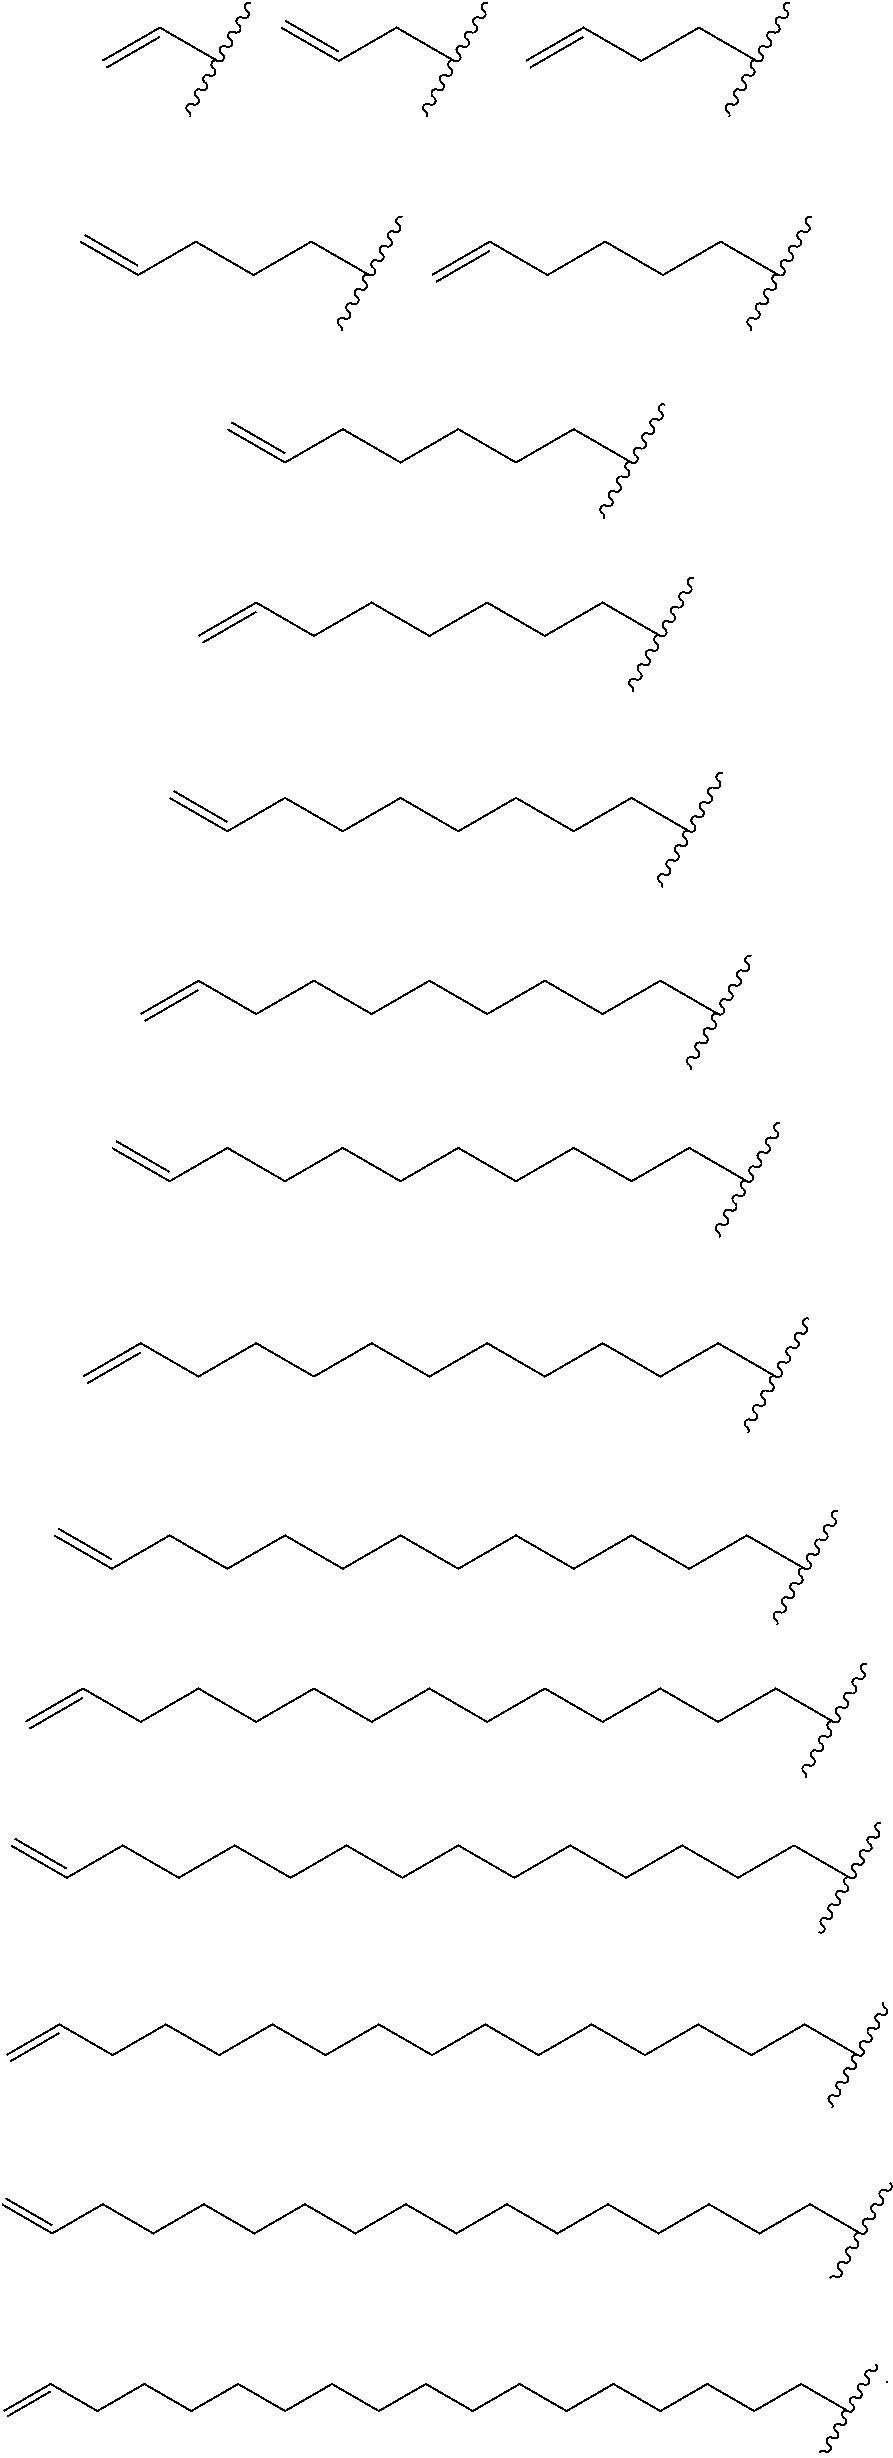 Figure US08969353-20150303-C00046